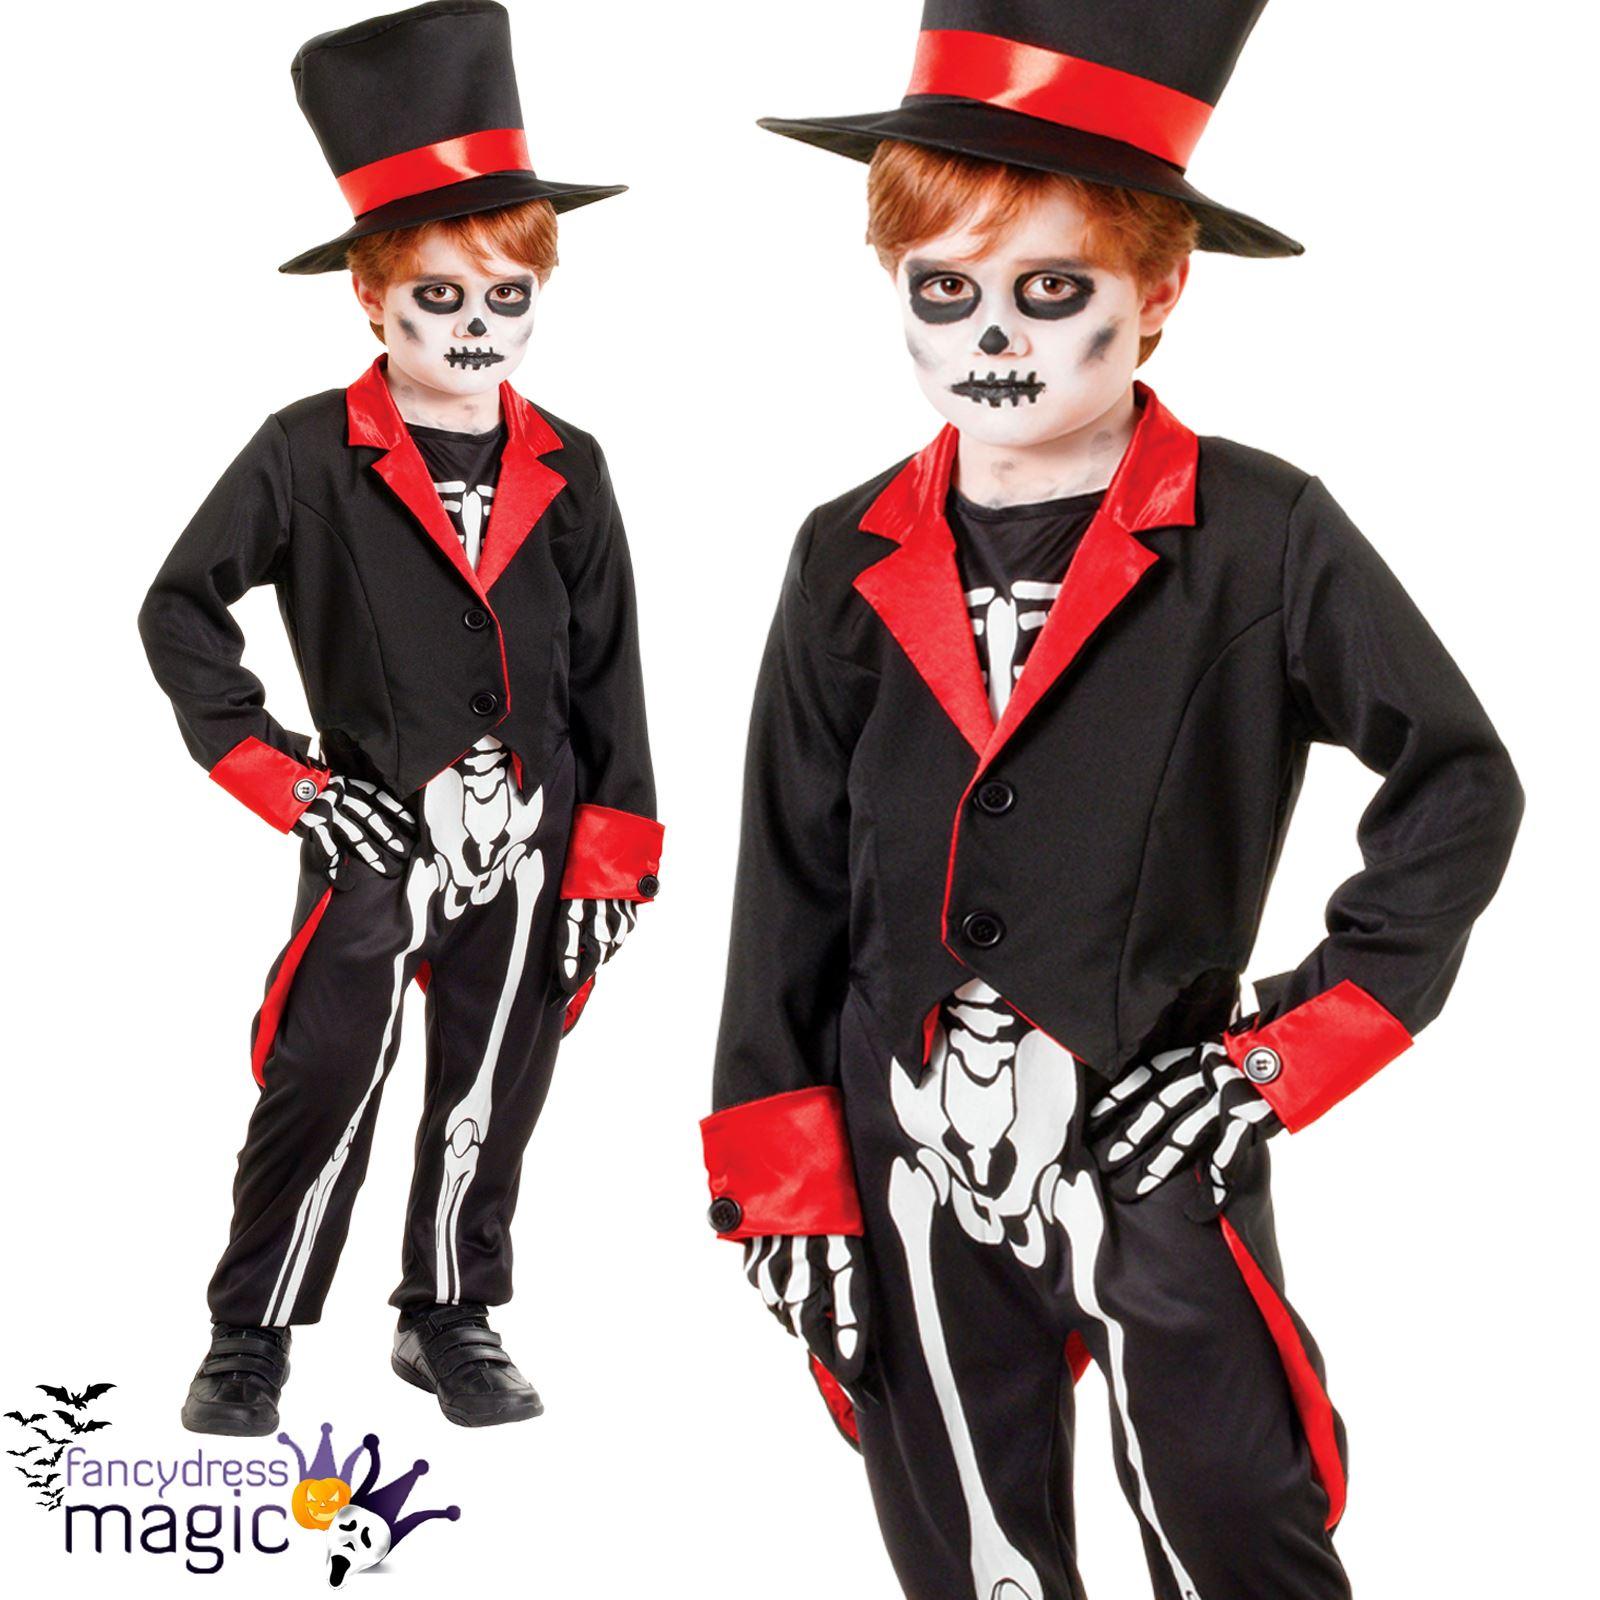 damen herren kinder knochen jangles skelett halloween kost m kleid outfit menge ebay. Black Bedroom Furniture Sets. Home Design Ideas